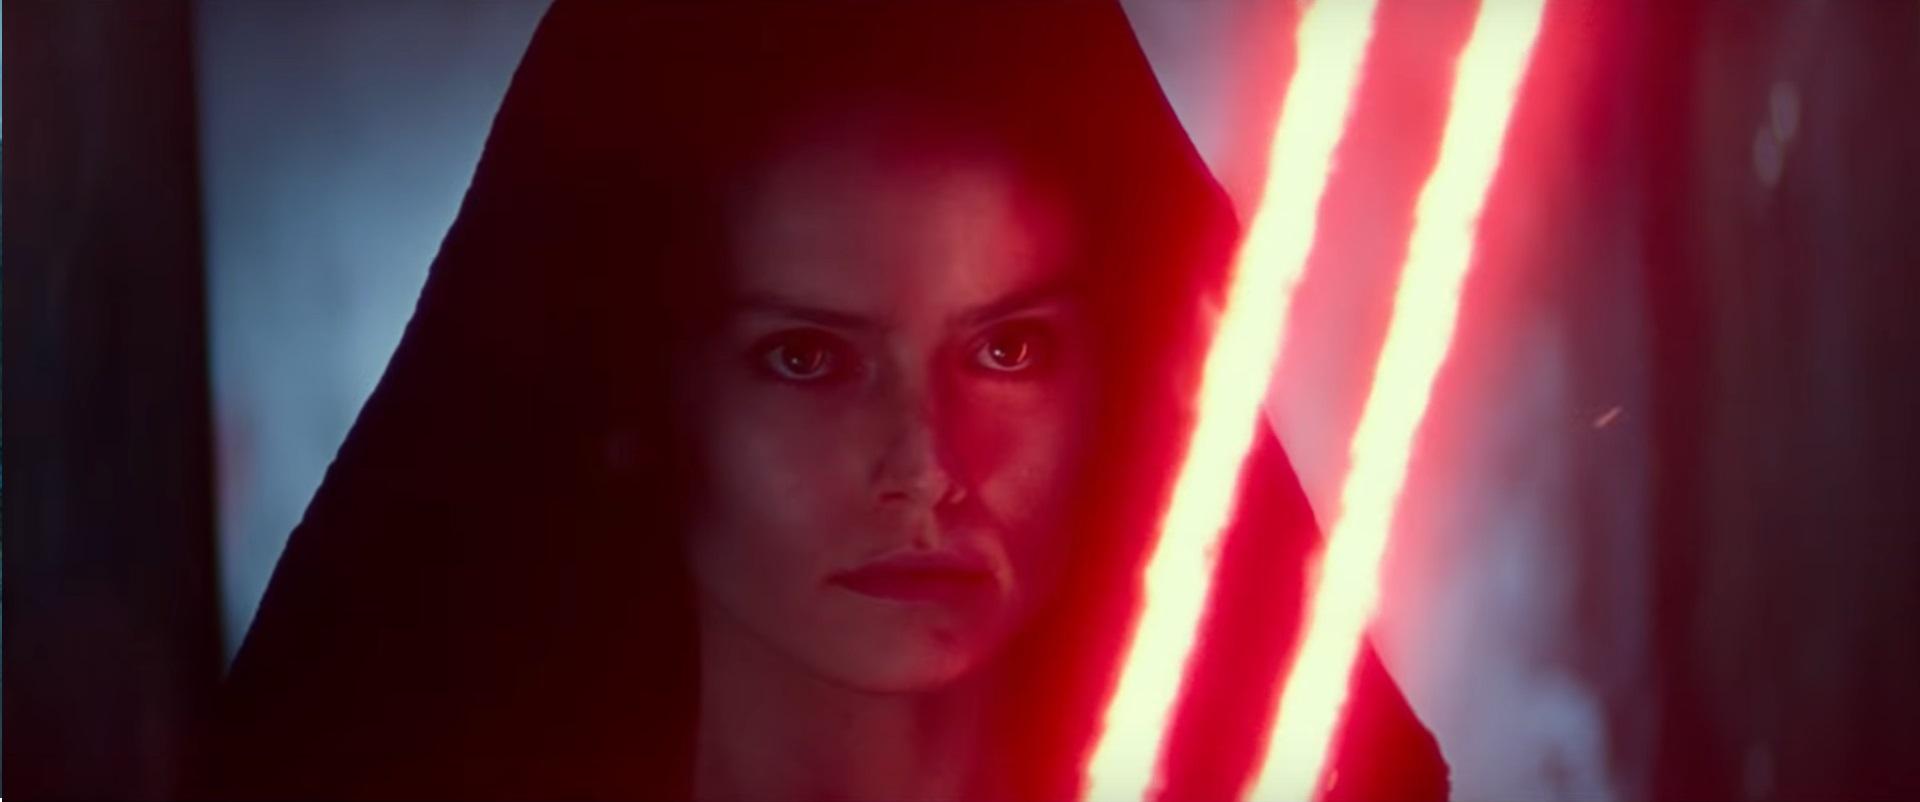 Kim jest Rey z Gwiezdnych Wojen? Analizujemy ostateczną odpowiedź ze Star Wars 9